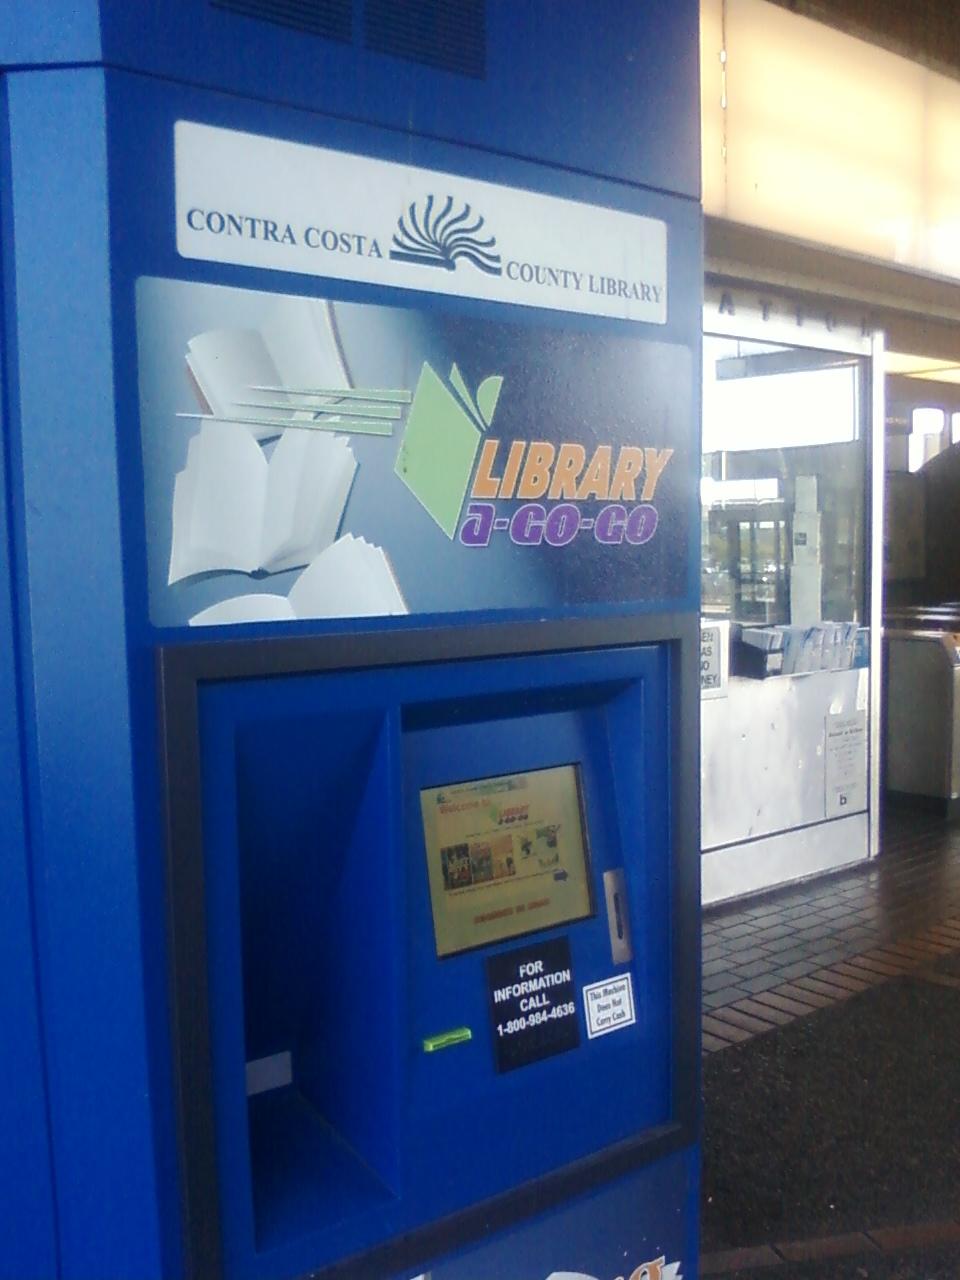 Contra Costa County Library Wikipedia